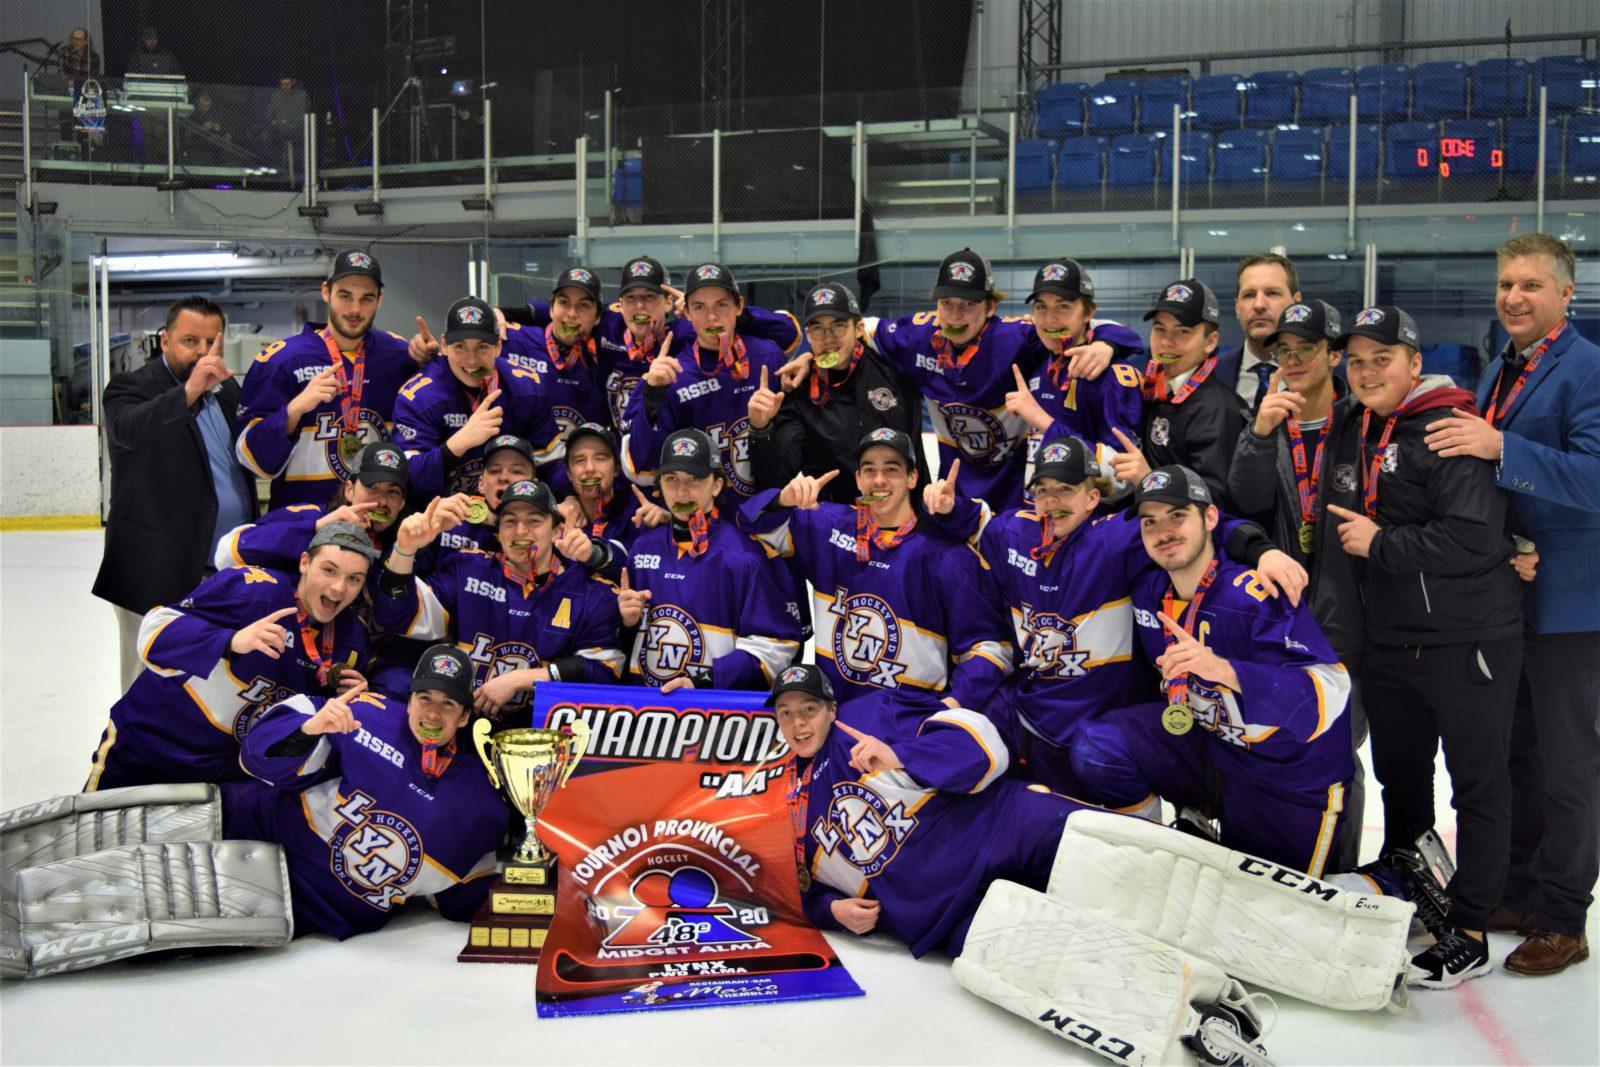 Tournoi Midget d'Alma : Les Lynx et les Aiglons grands champions !